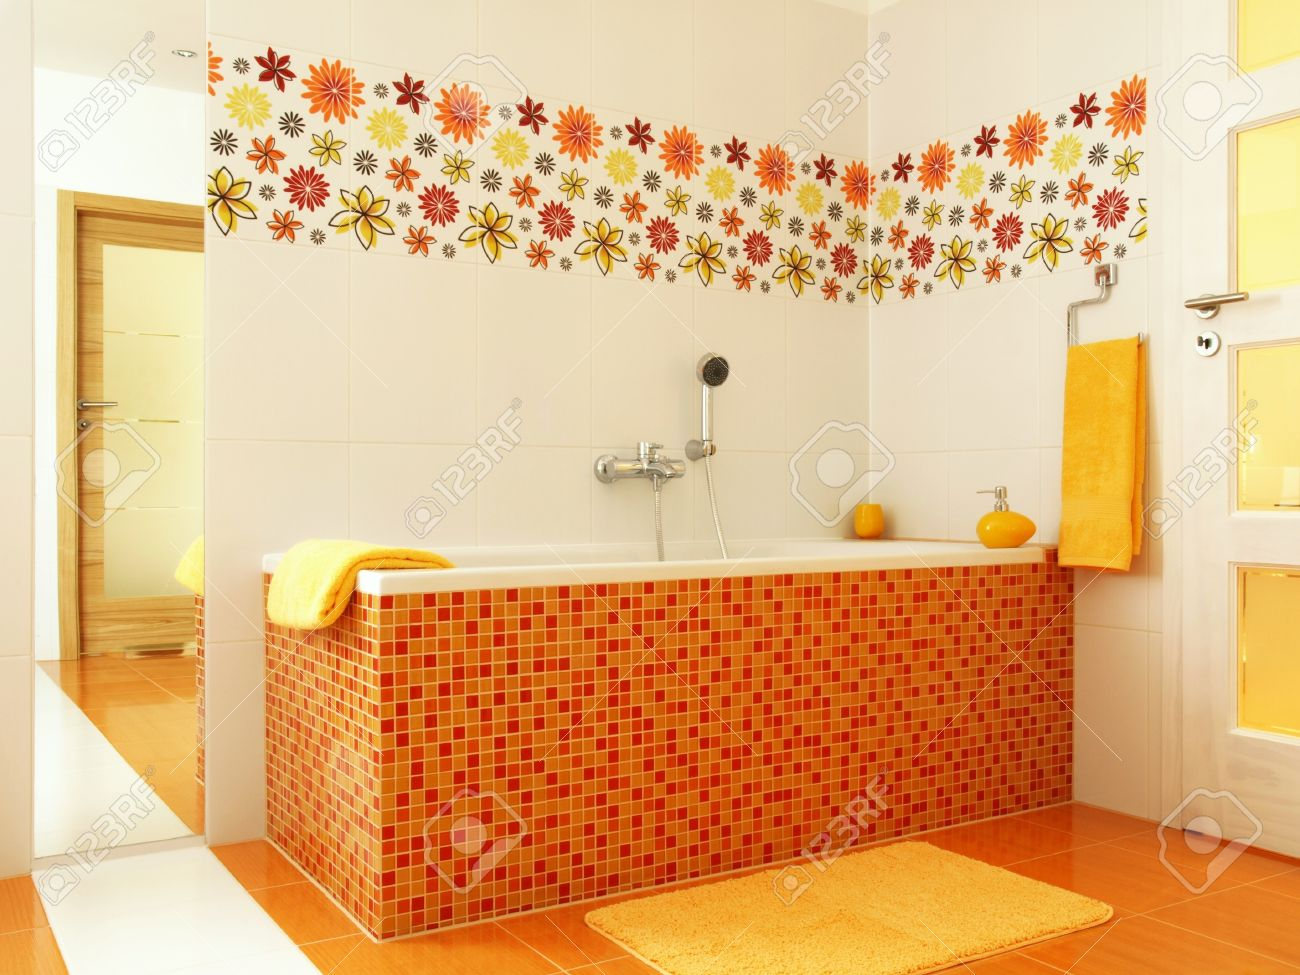 Bunte Mosaik Badezimmer Mit Badewanne Und Orange Gelb Handtücher  Lizenzfreie Bilder   13058289